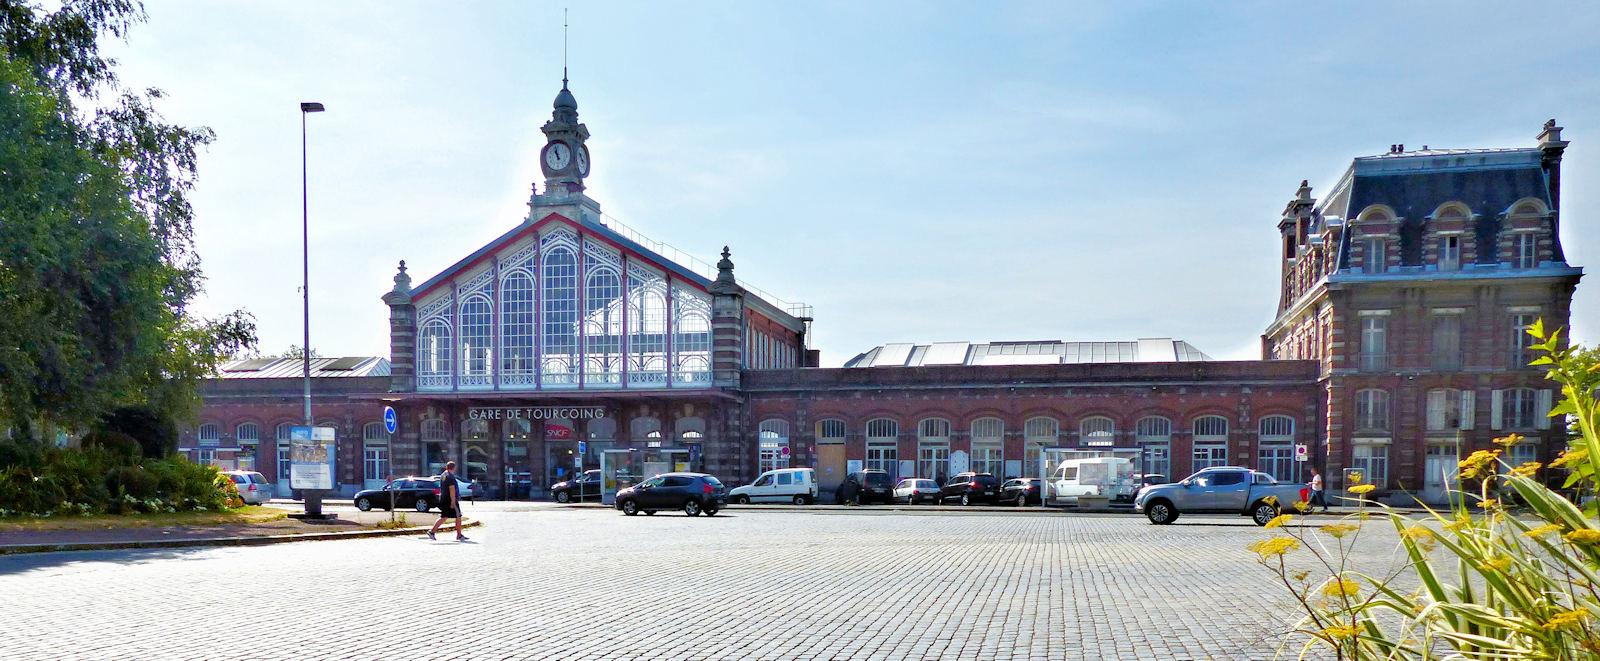 Gare de Tourcoing - 11 Place Semard